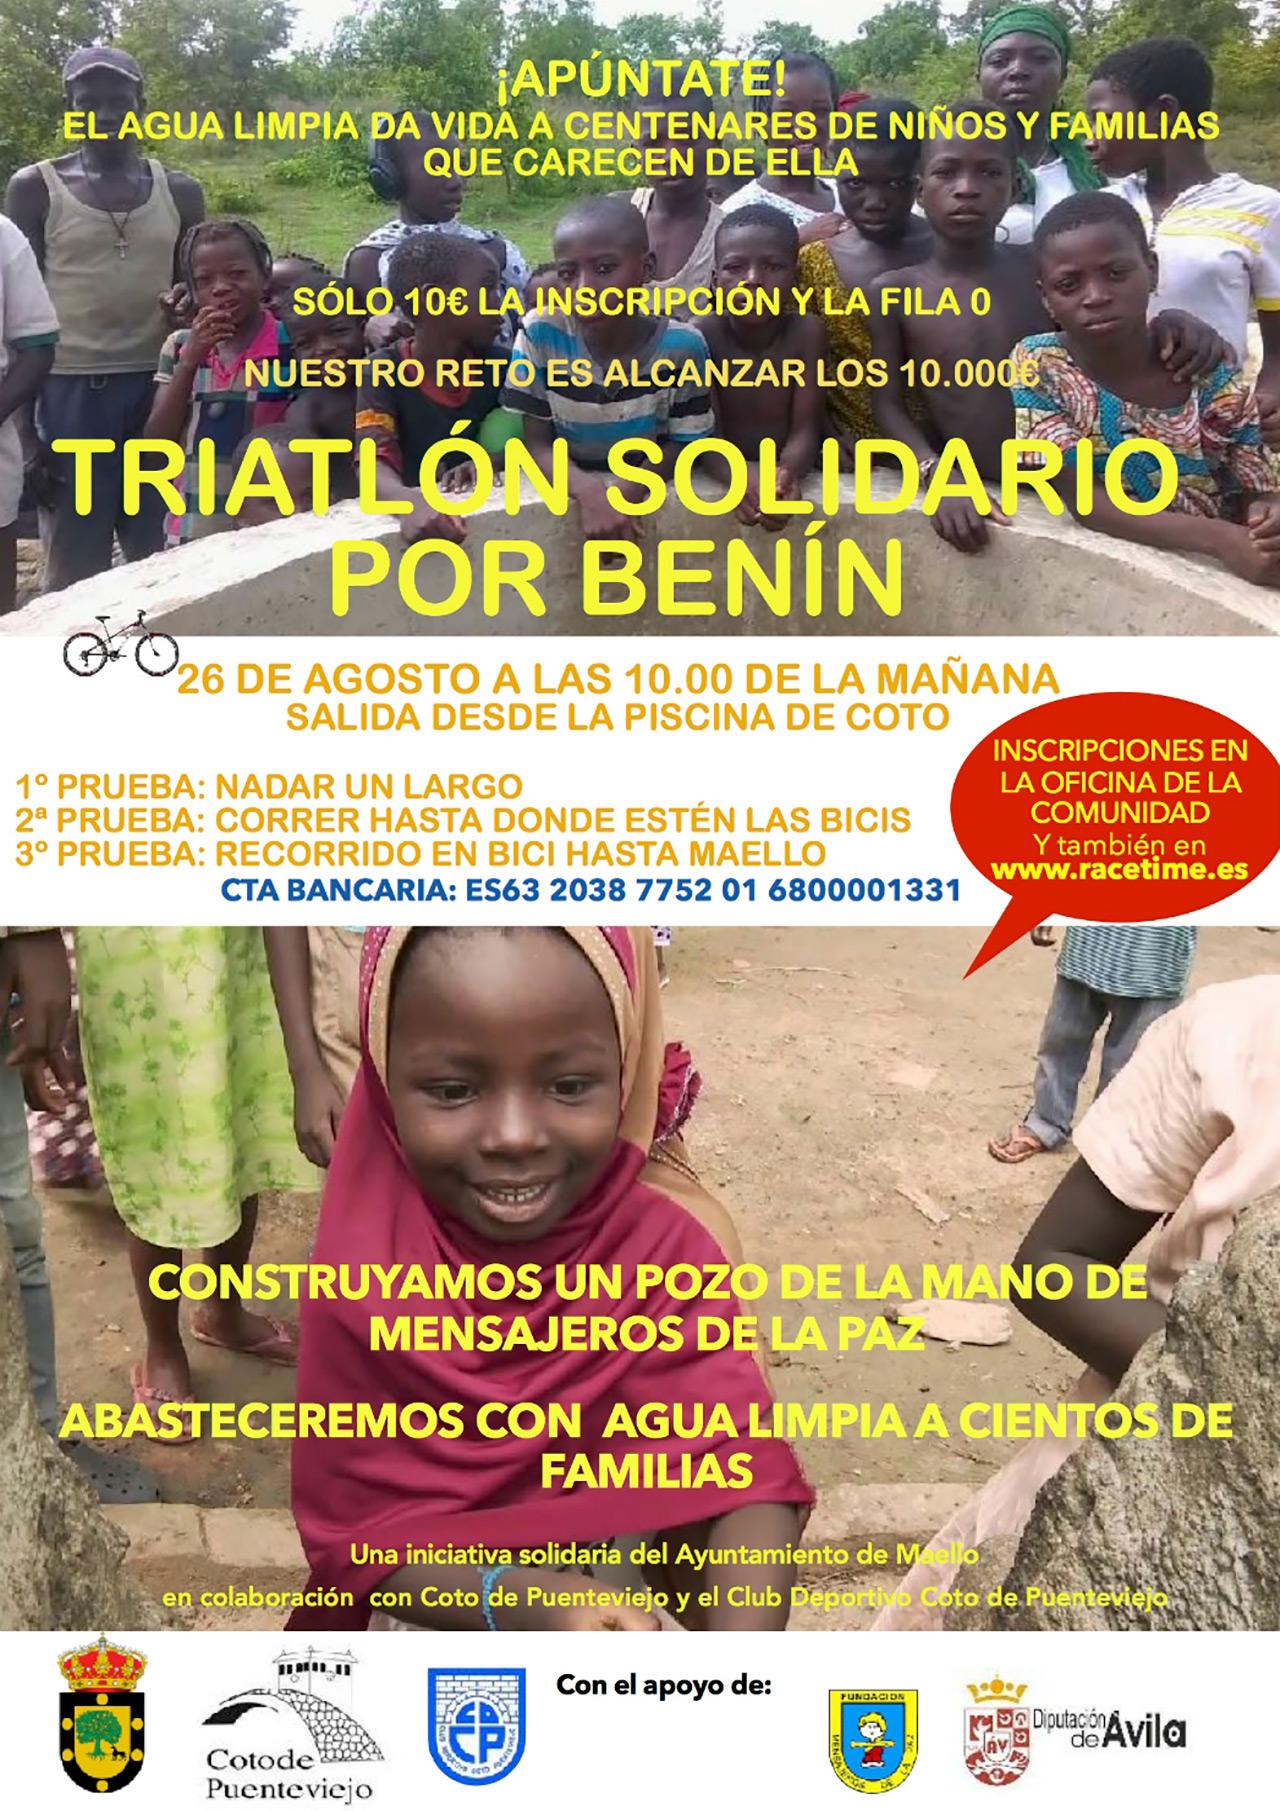 Maello organiza un triatlón solidario por Benin